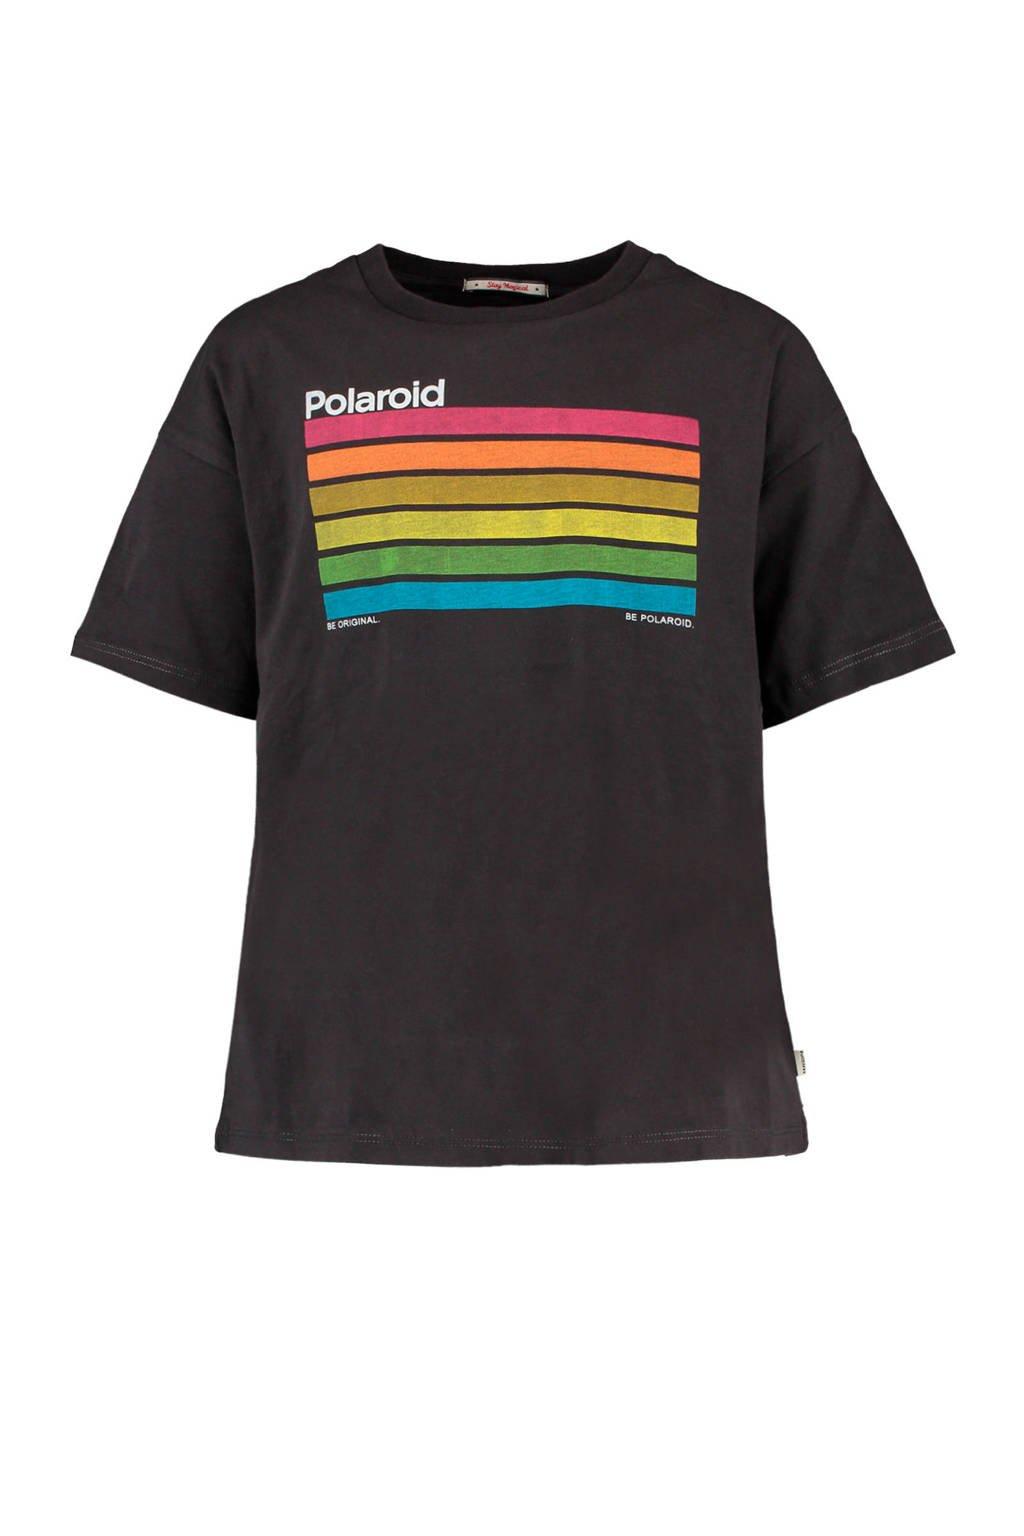 America Today Junior T-shirt Ela met printopdruk zwart/geel/blauw, Zwart/geel/blauw